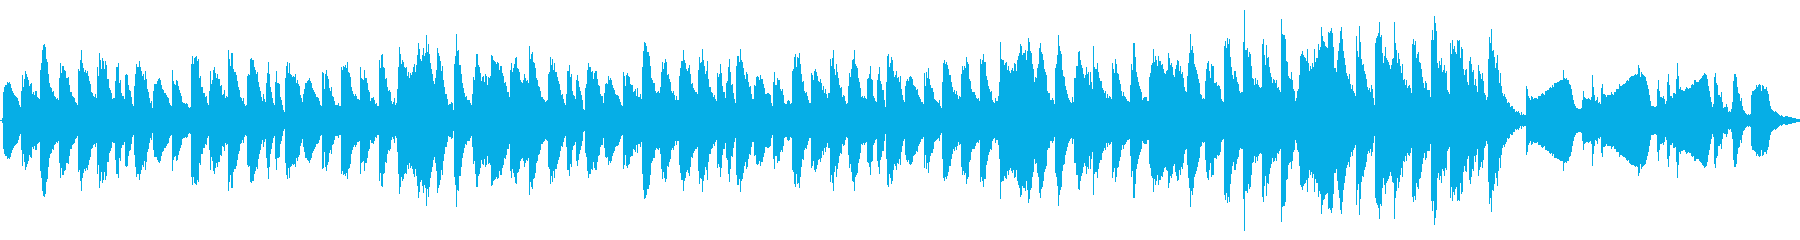 ちょっぴり幸せなほのぼのメロディーの再生済みの波形